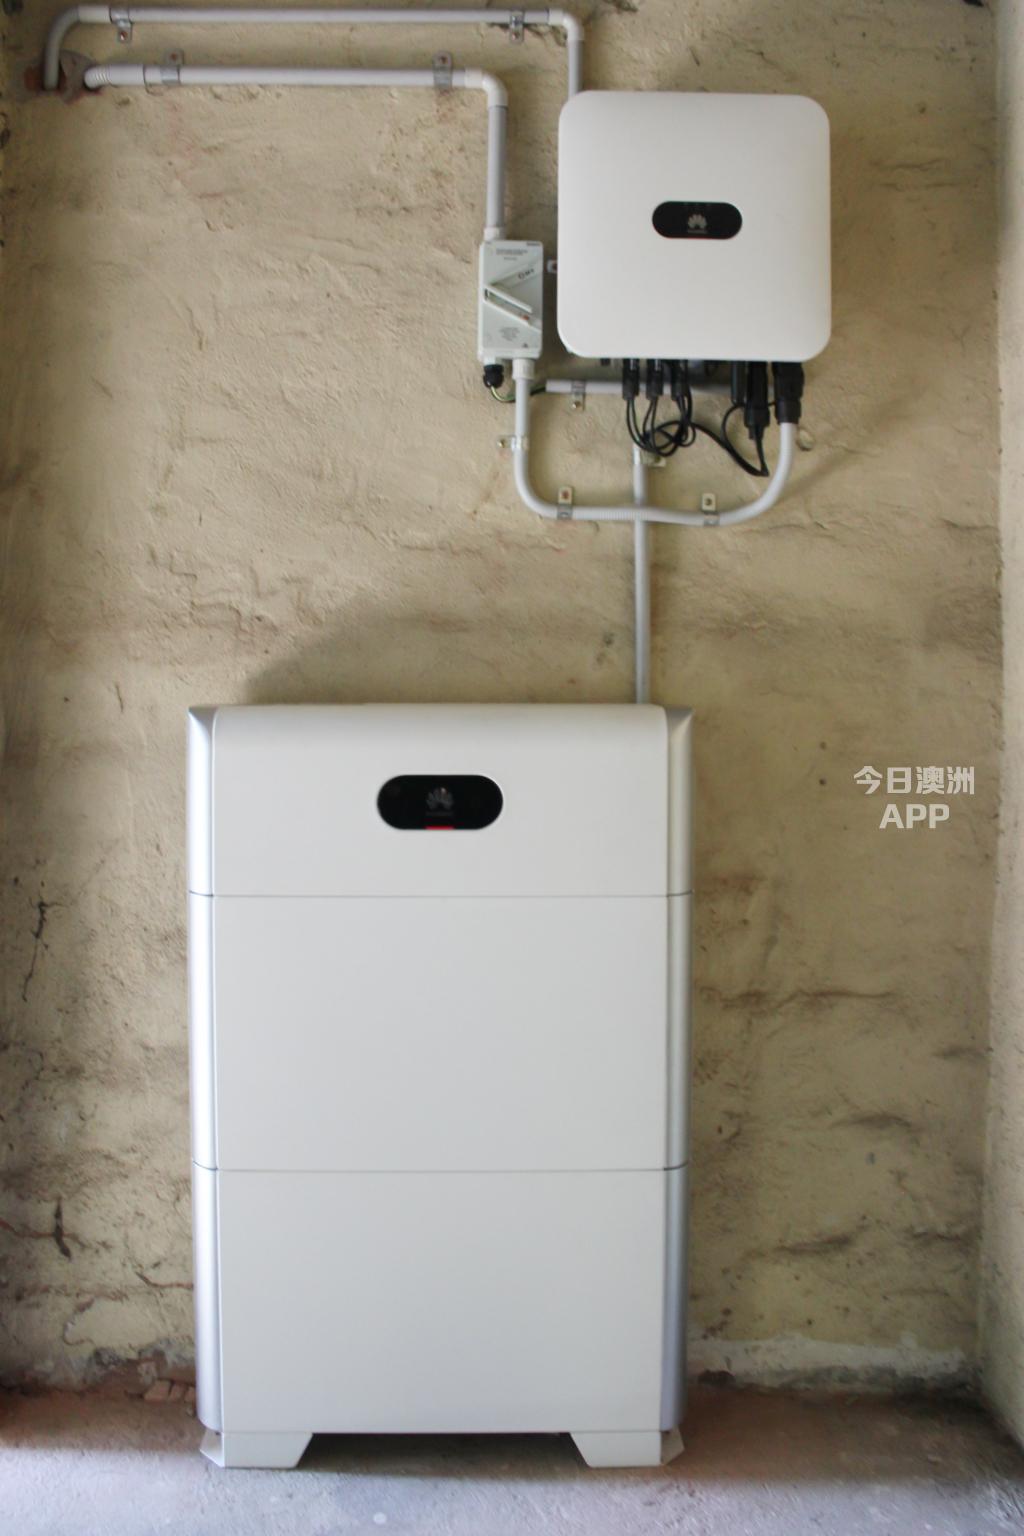 華人首選 華爲合作太陽能安裝公司 成立于2009 價格優惠 專業中英文服務